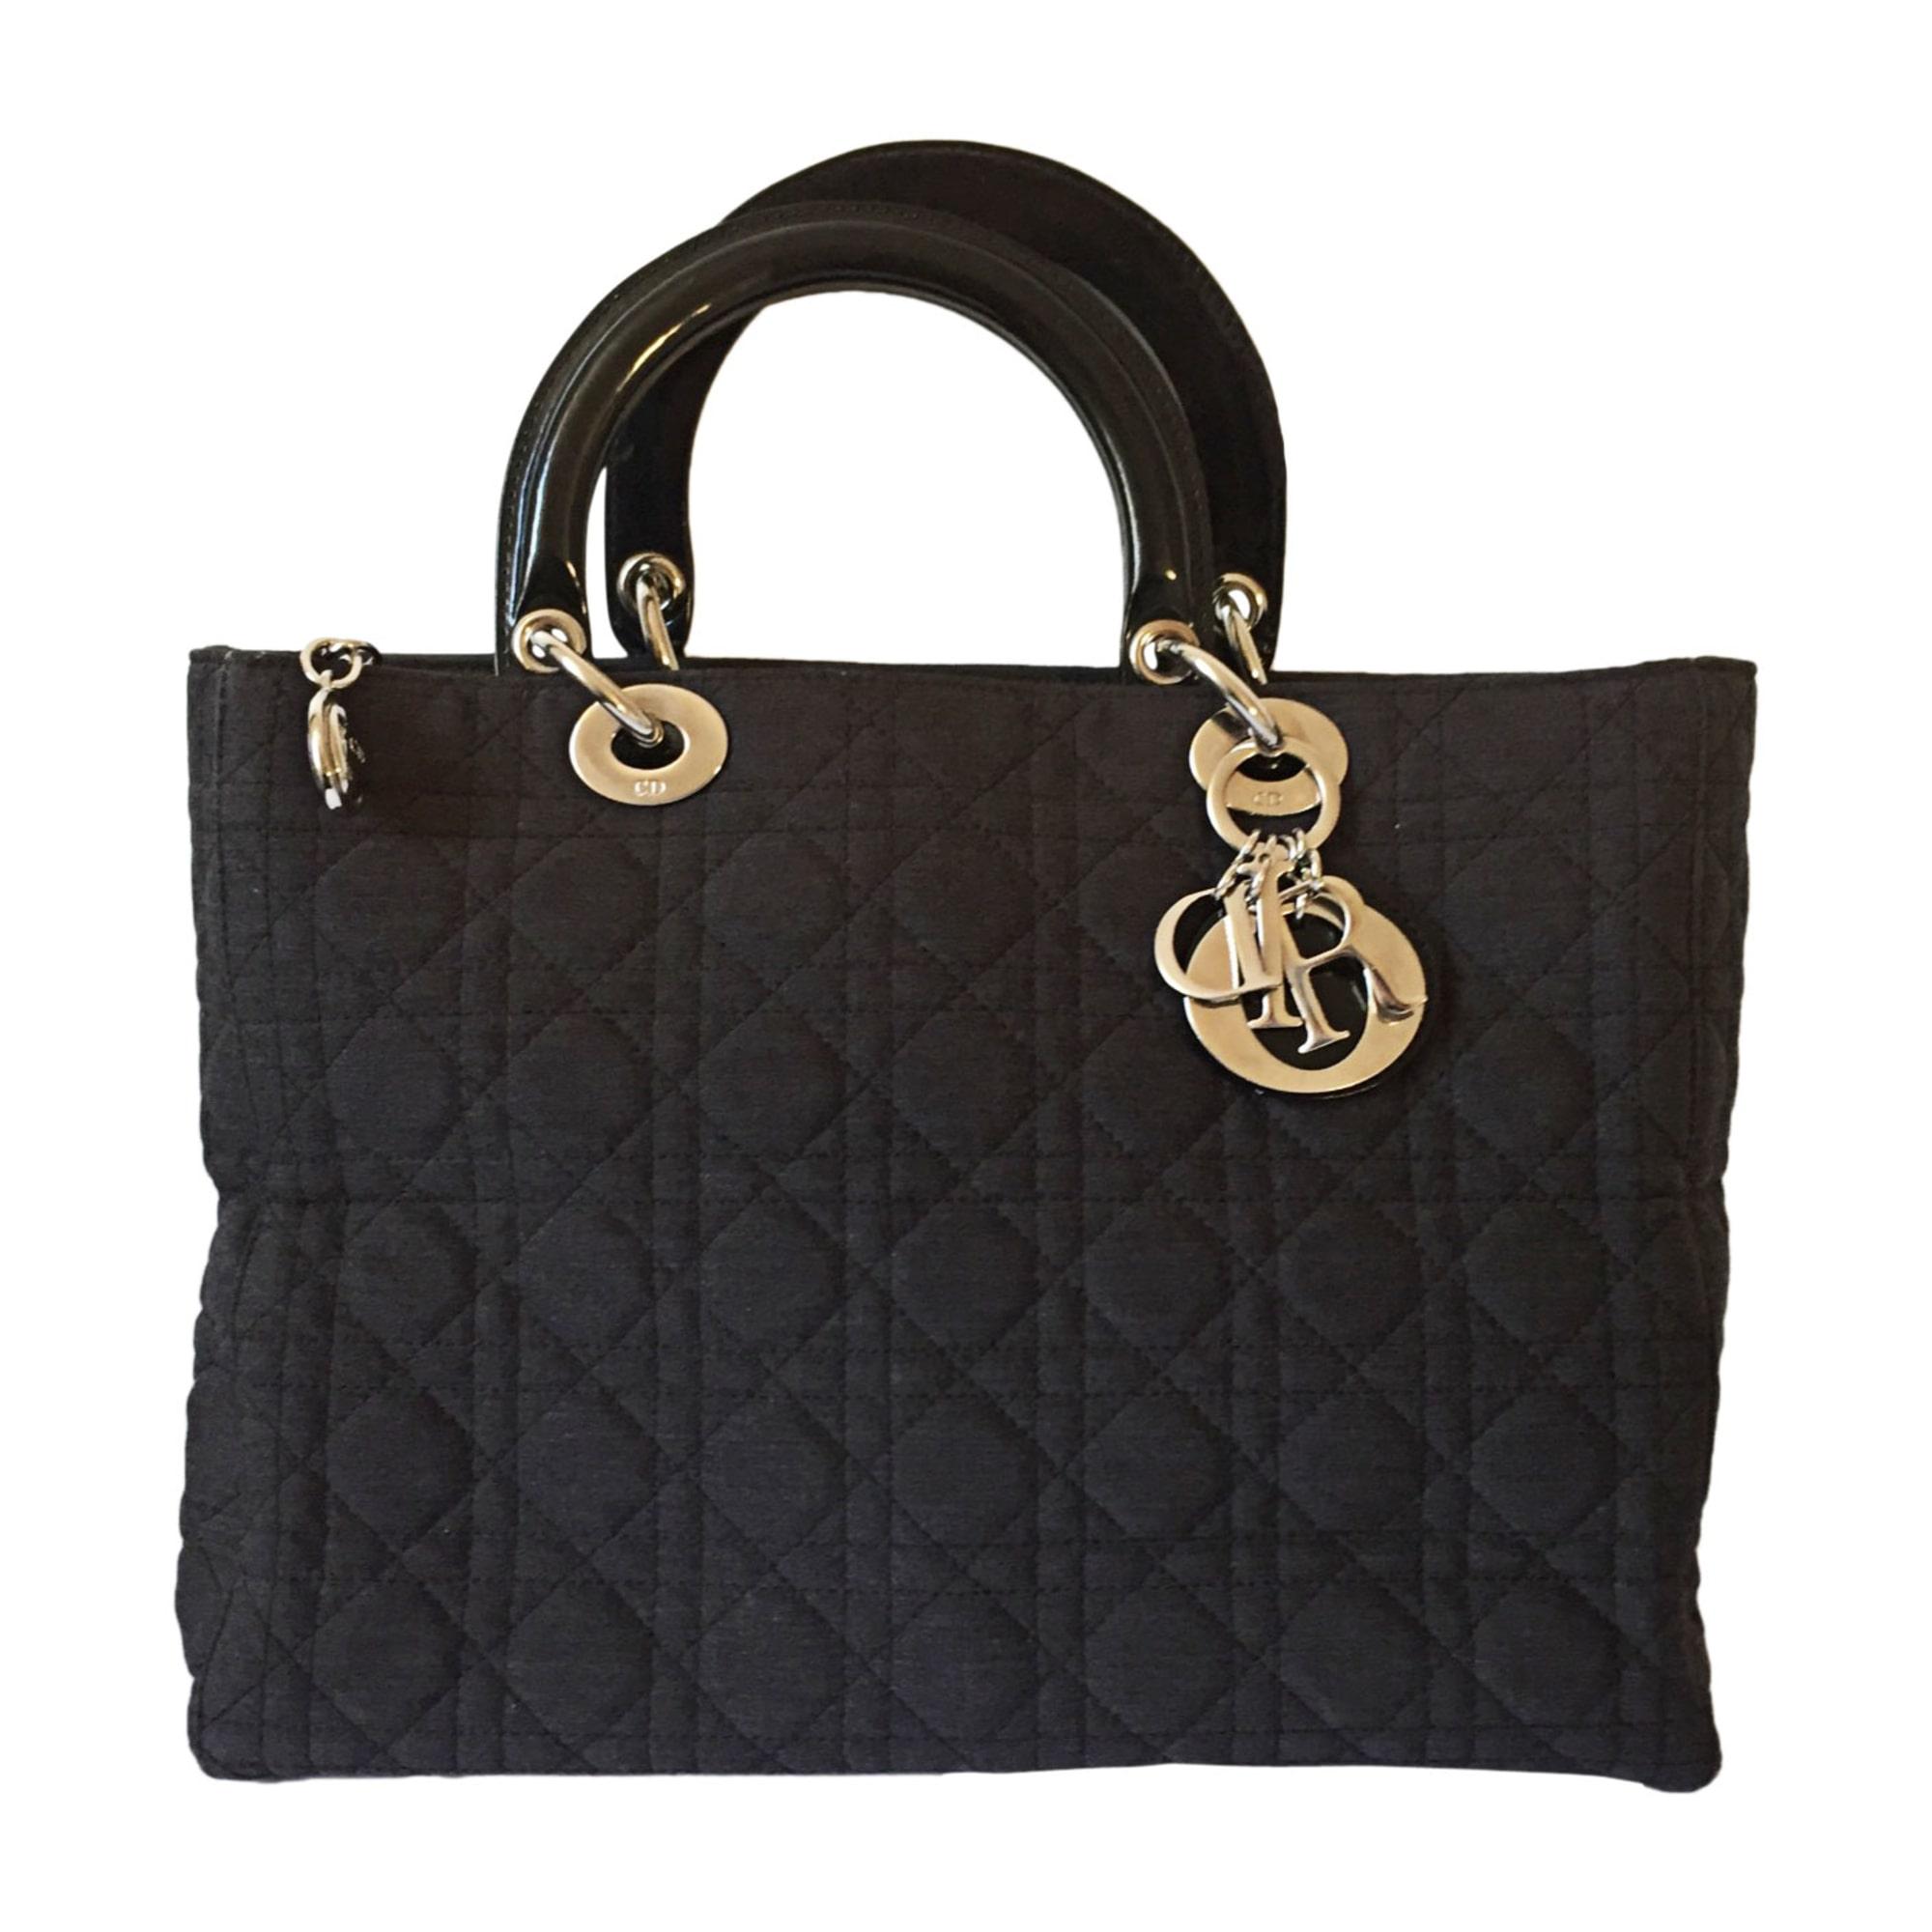 f009e93353 Sac à main en tissu DIOR lady dior noir - 8393846